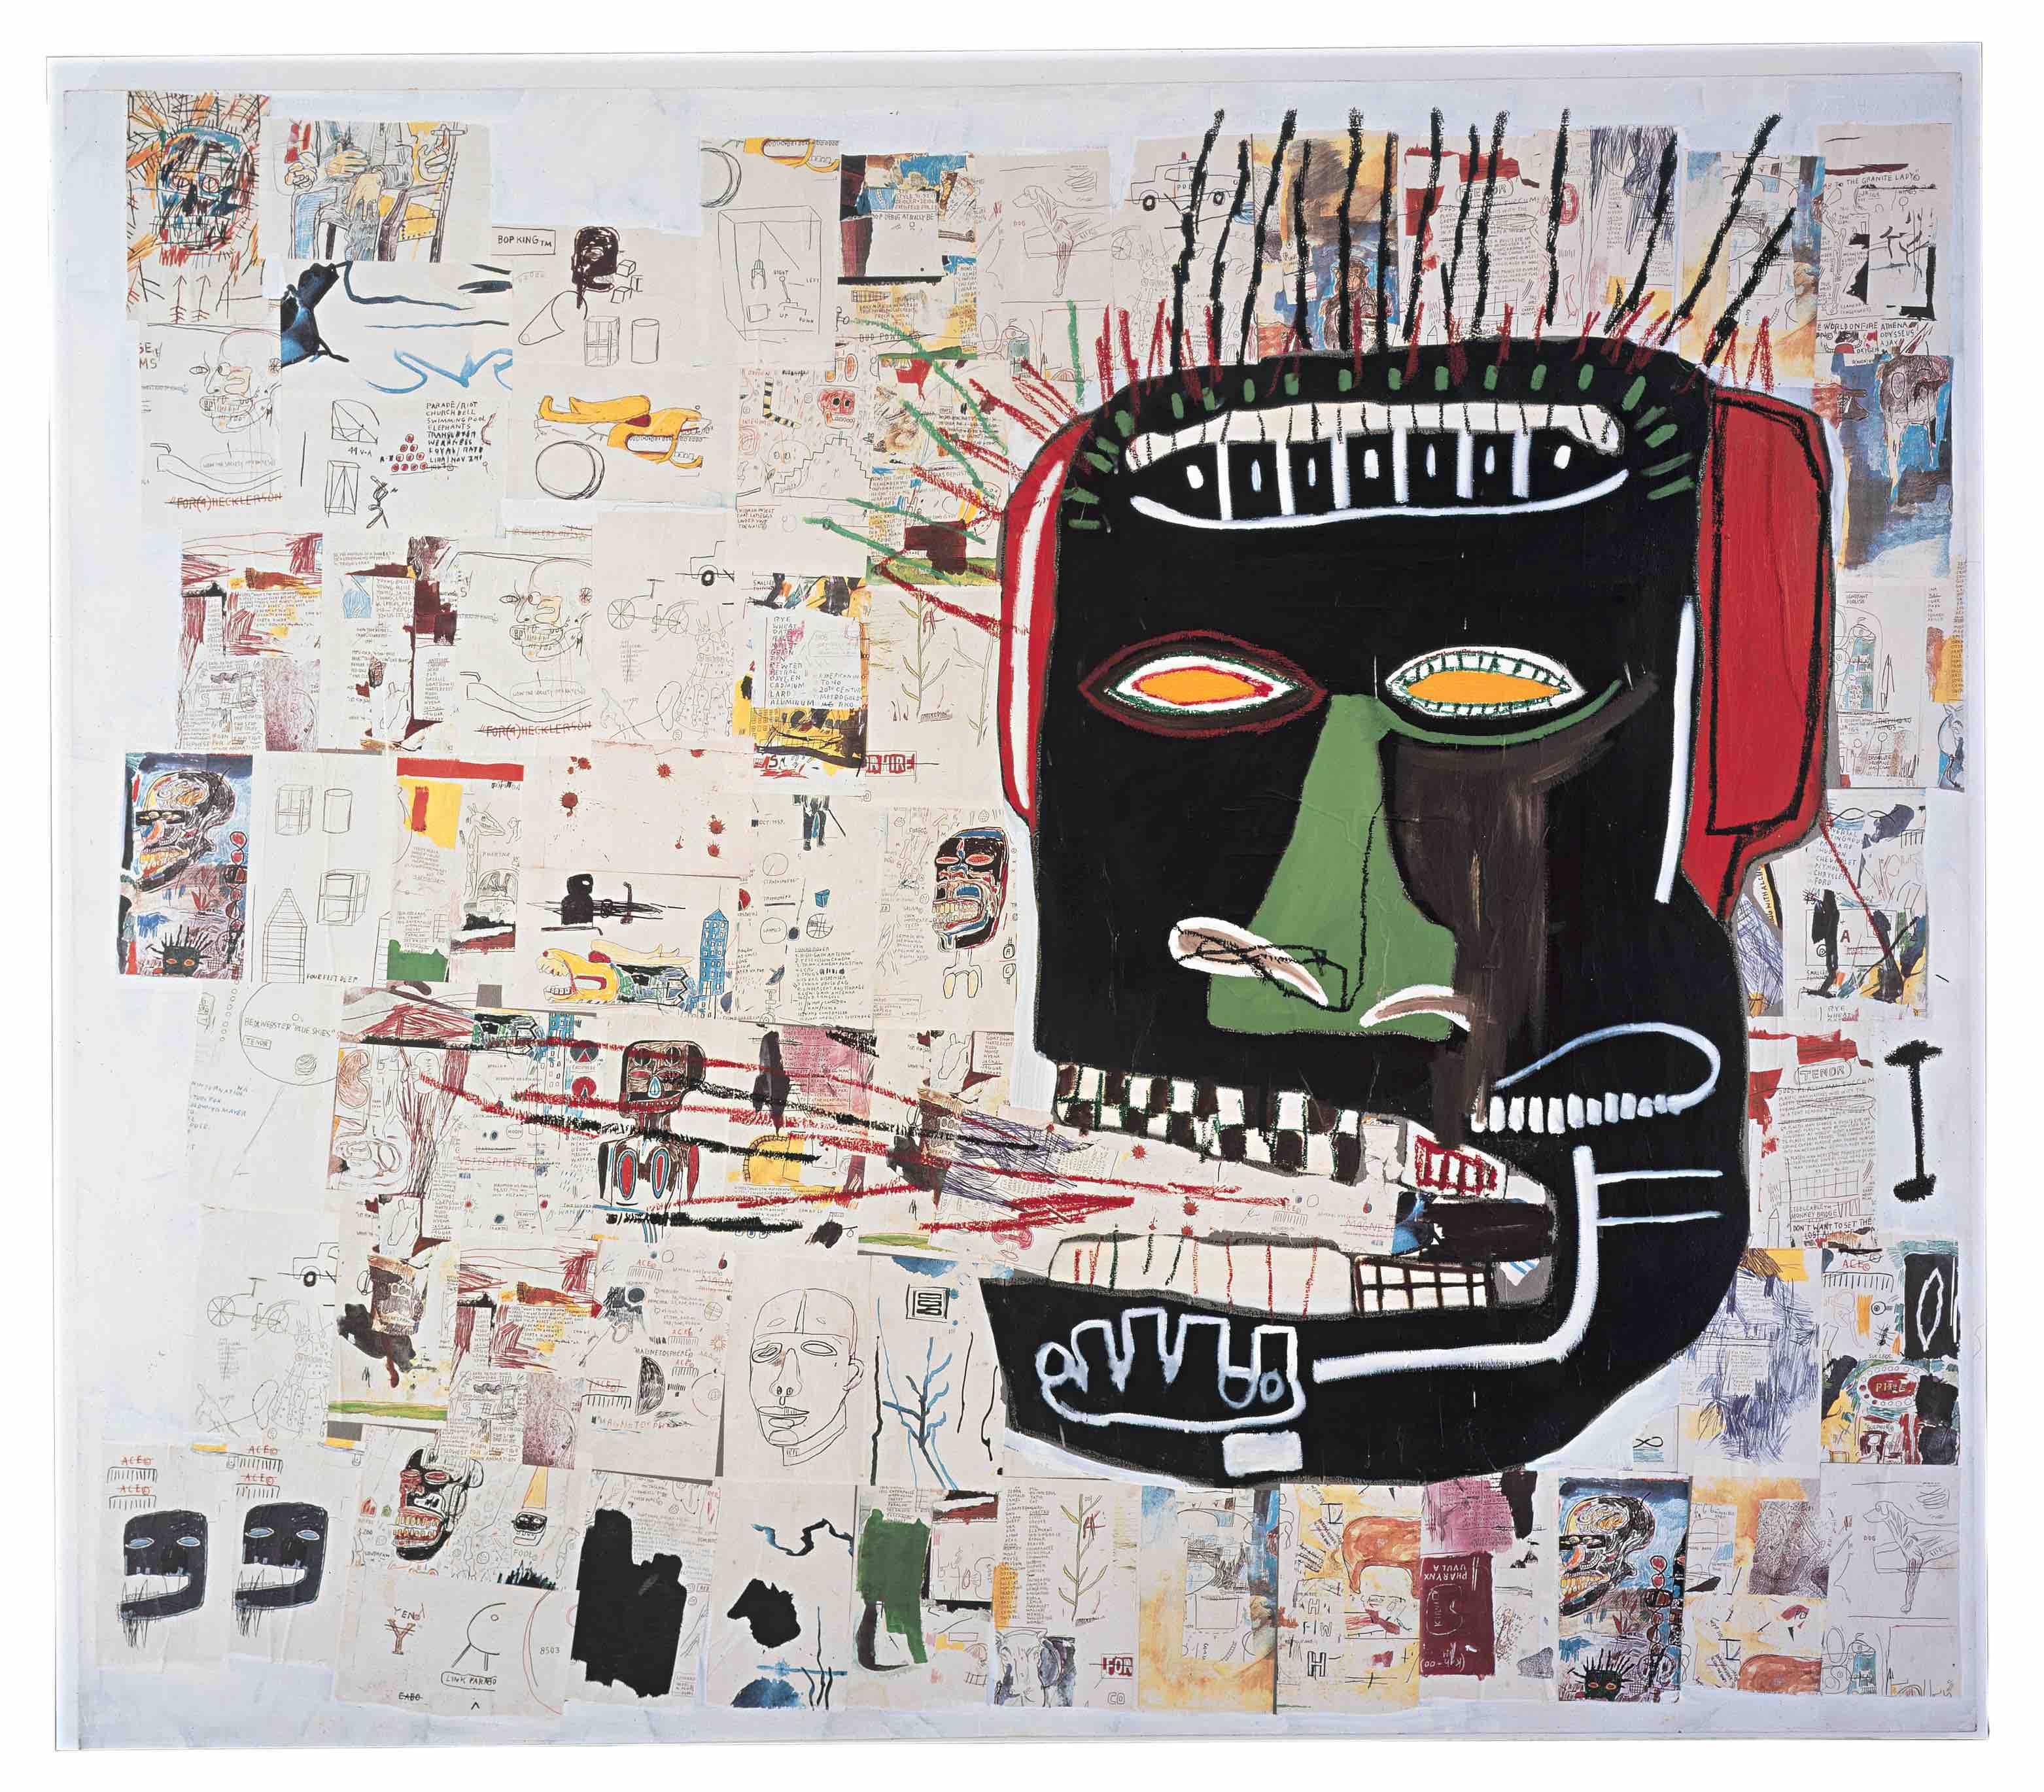 """kopf voll """"Glenn"""" (1984) ist mit zahllosen fotokopierten Bildern unterlegt. Darüber ein Blut spuckender Kopf. Basquiats Gemälde erreichen heute Preise bis 90 Millionen Euro"""